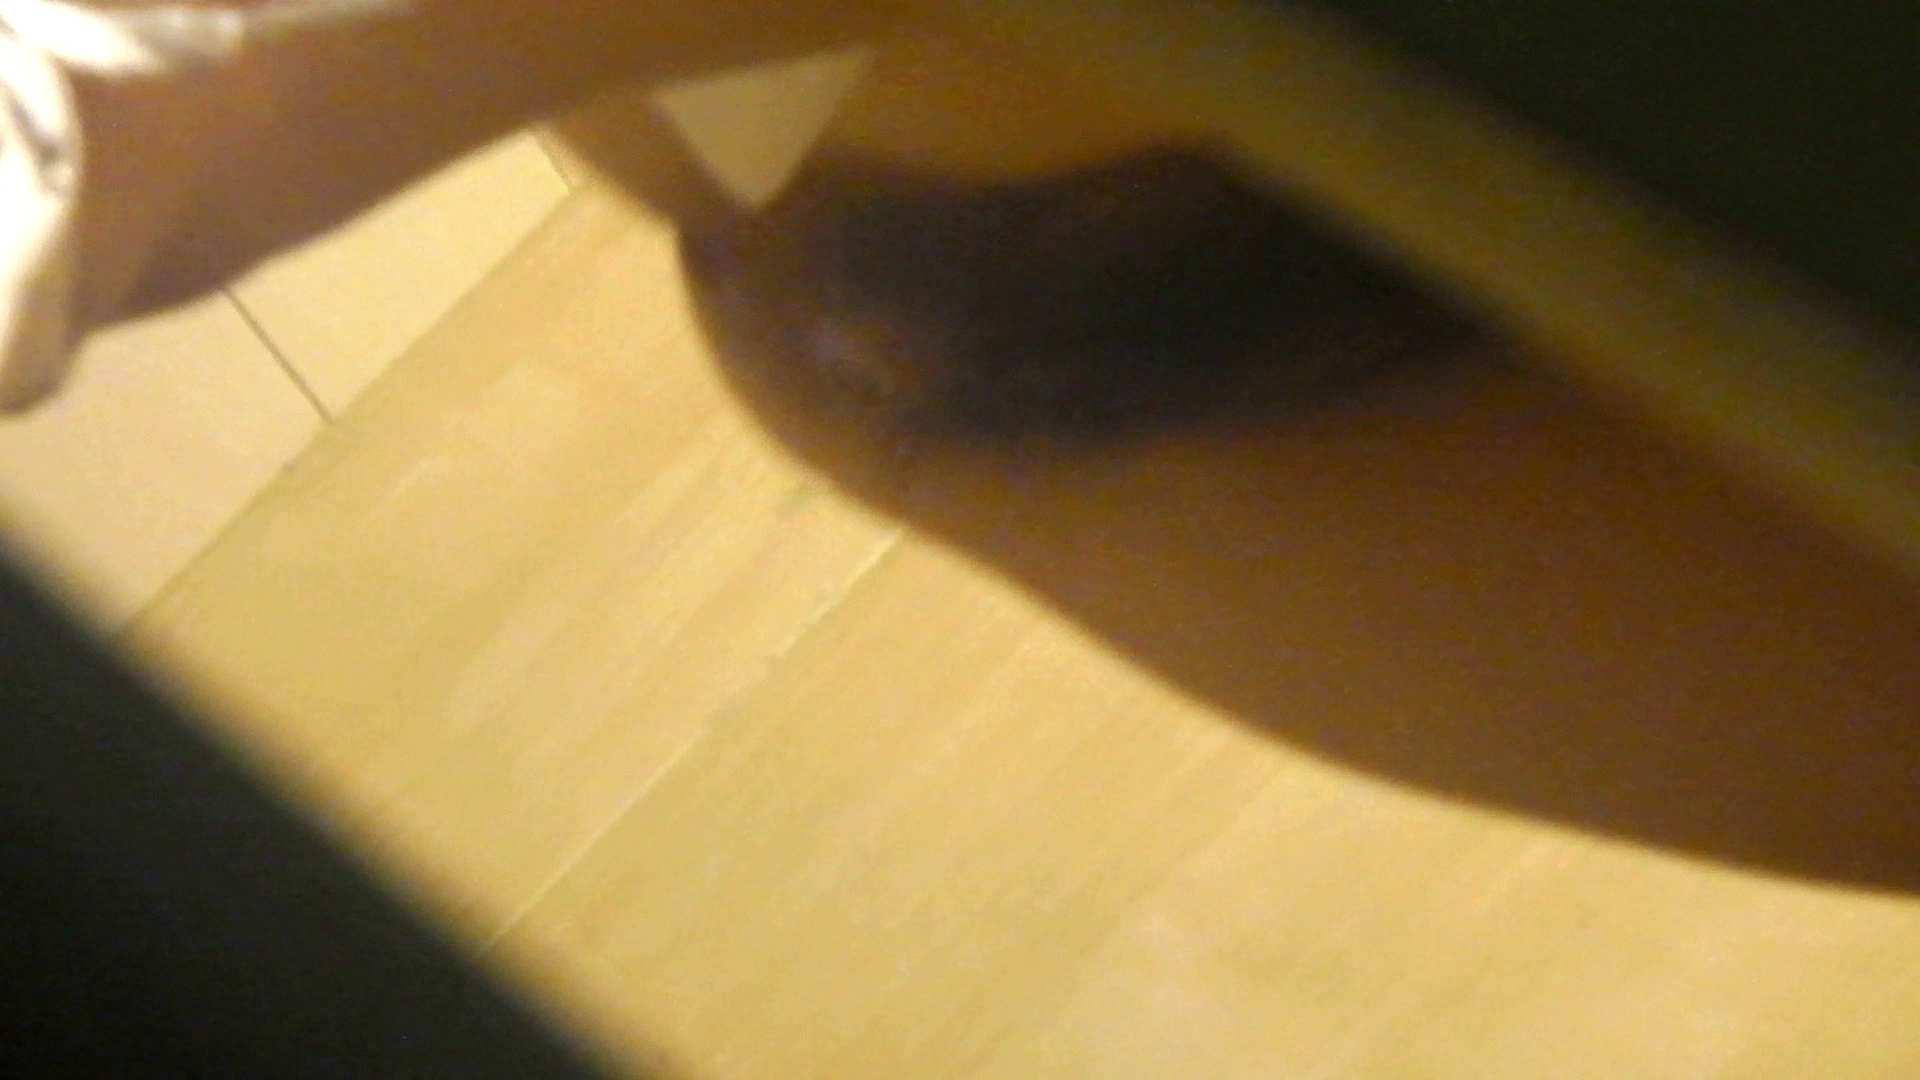 阿国ちゃんの「和式洋式七変化」No.14 和式   お姉さん  79画像 62